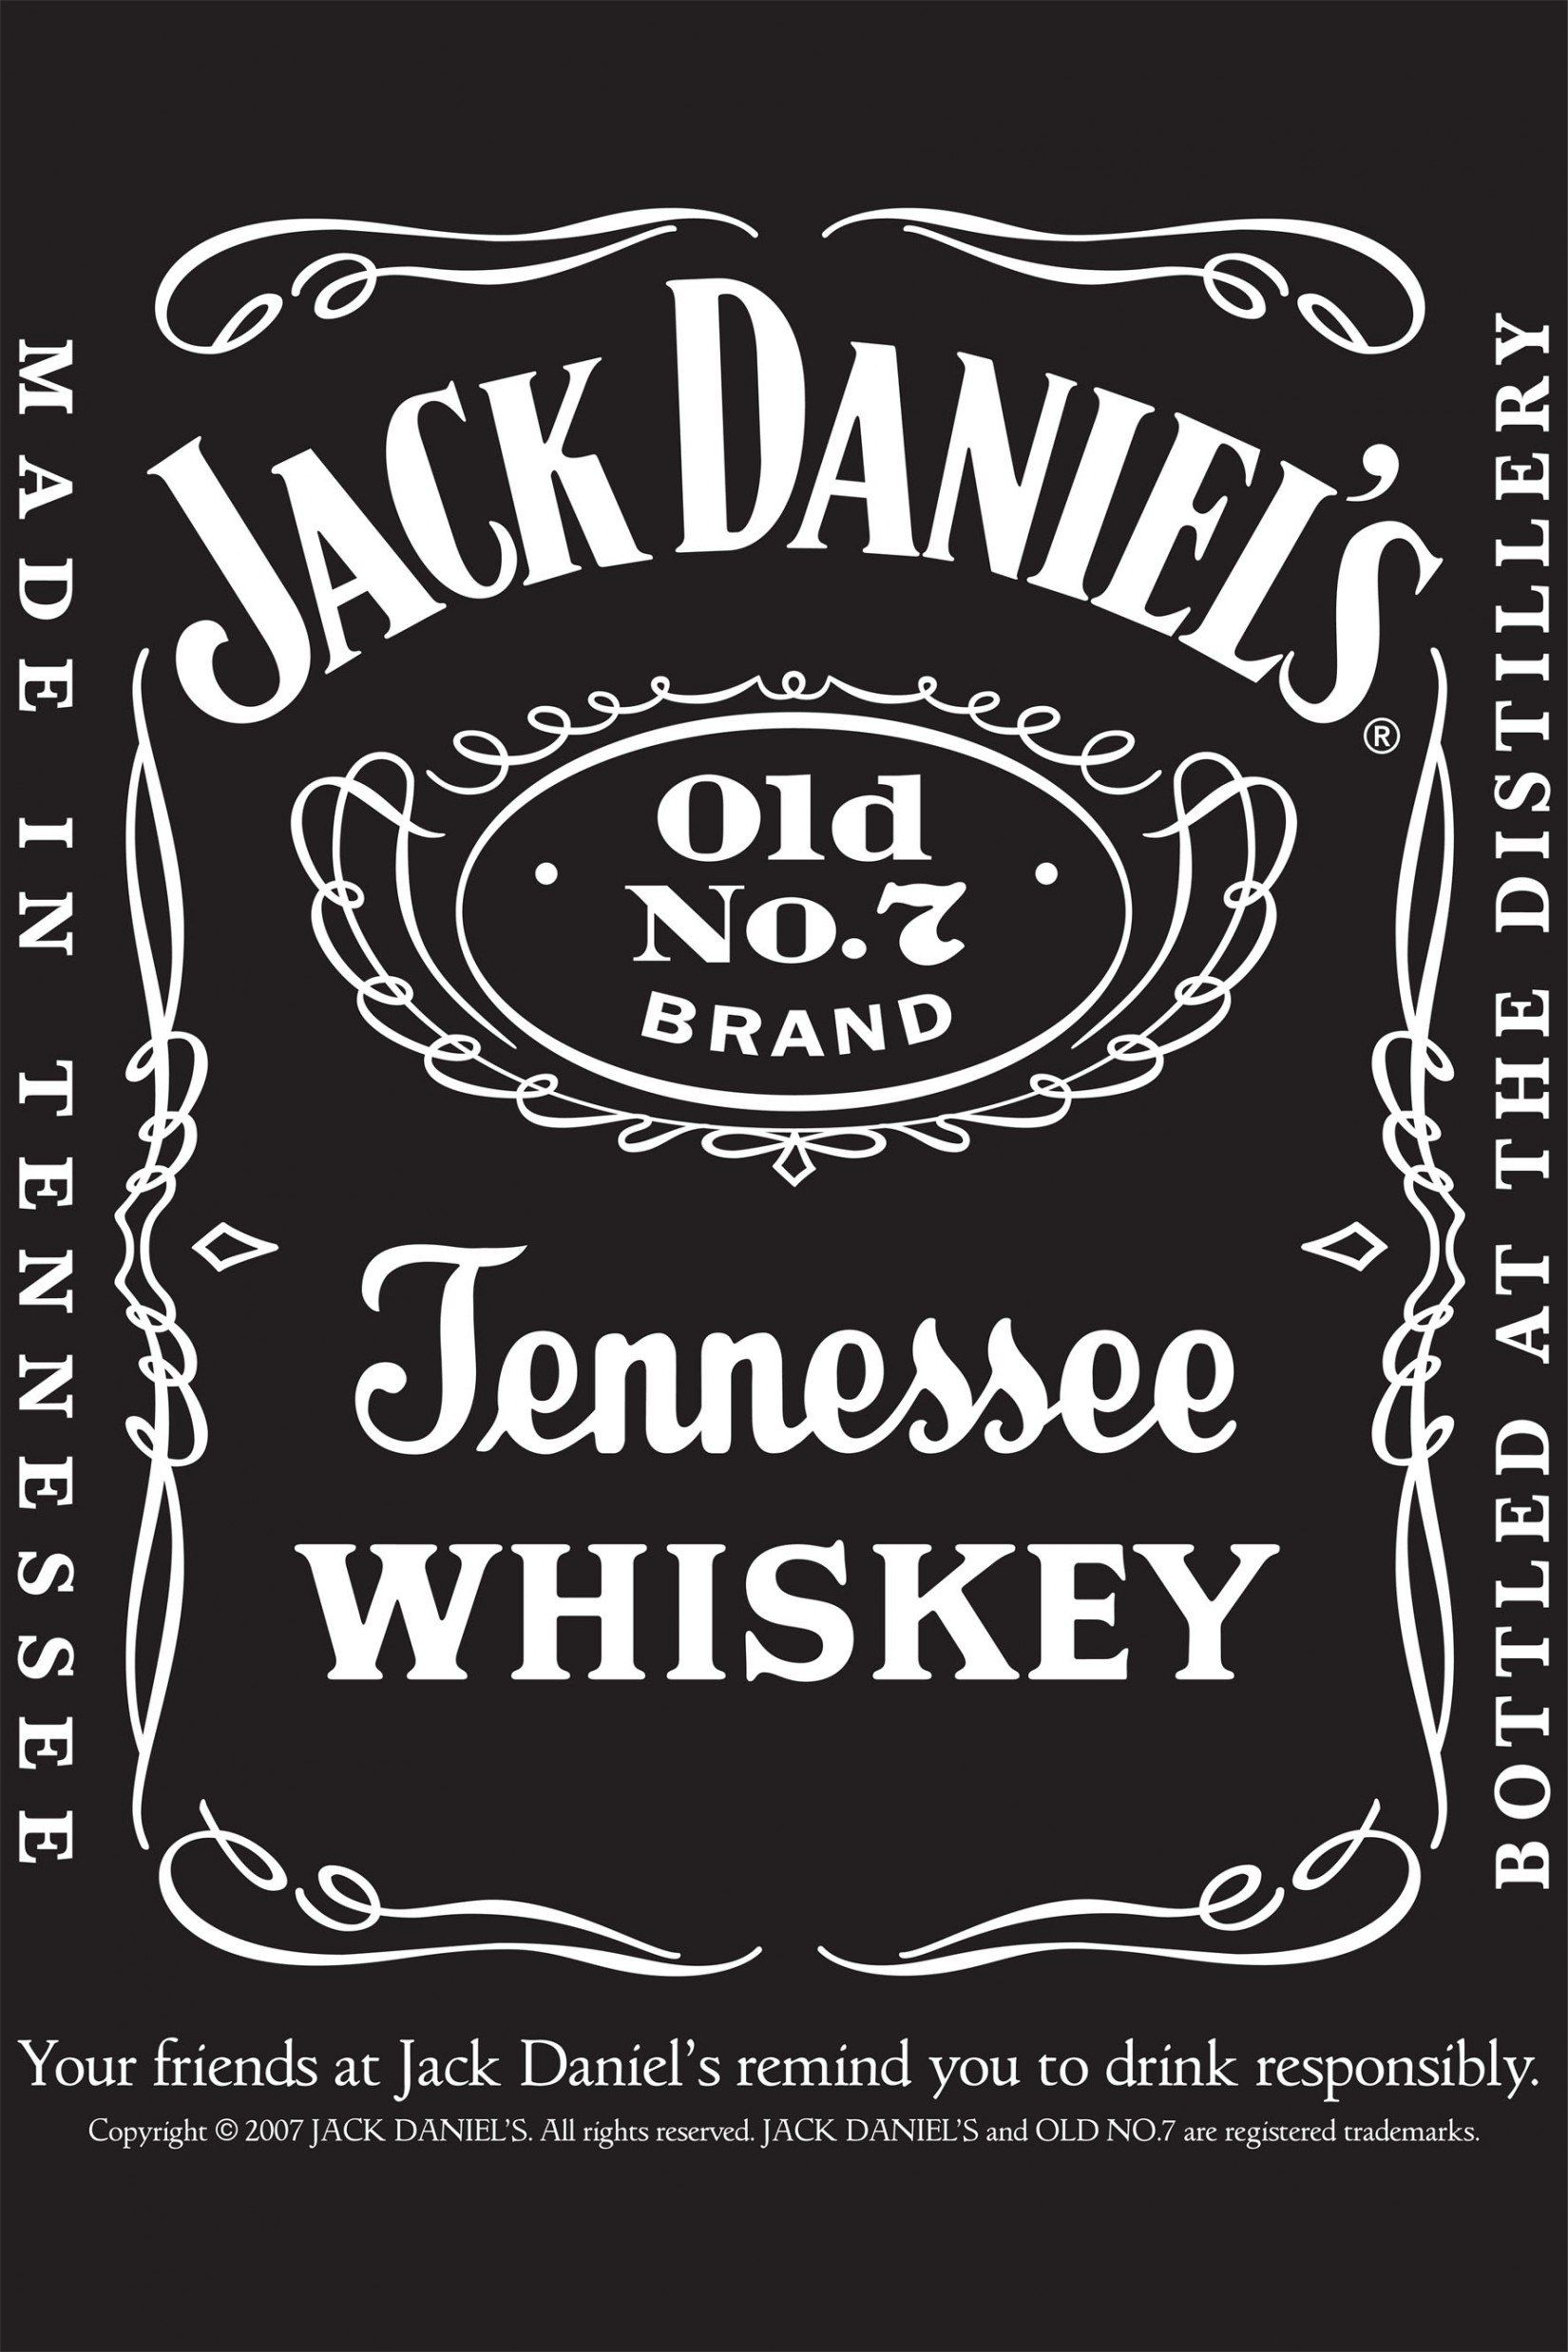 Marvellous Jack Daniels Logo Generator 86 For Make A Logo With Jack Daniels Logo Generator Jack Daniels Bottle Jack Daniels Label Jack Daniels